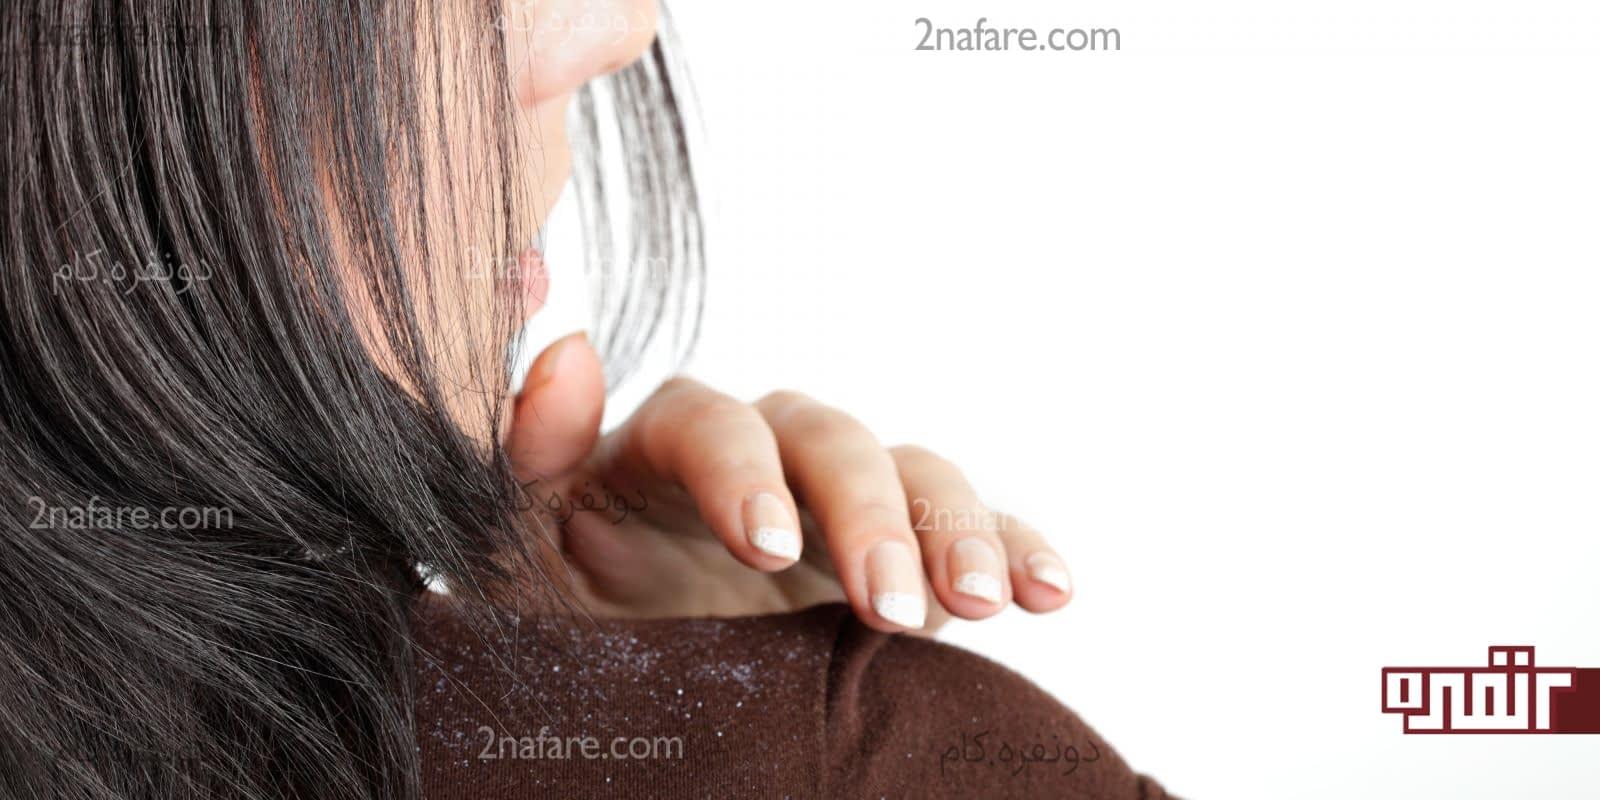 درمان شوره سر با روش های خانگی و گیاهی